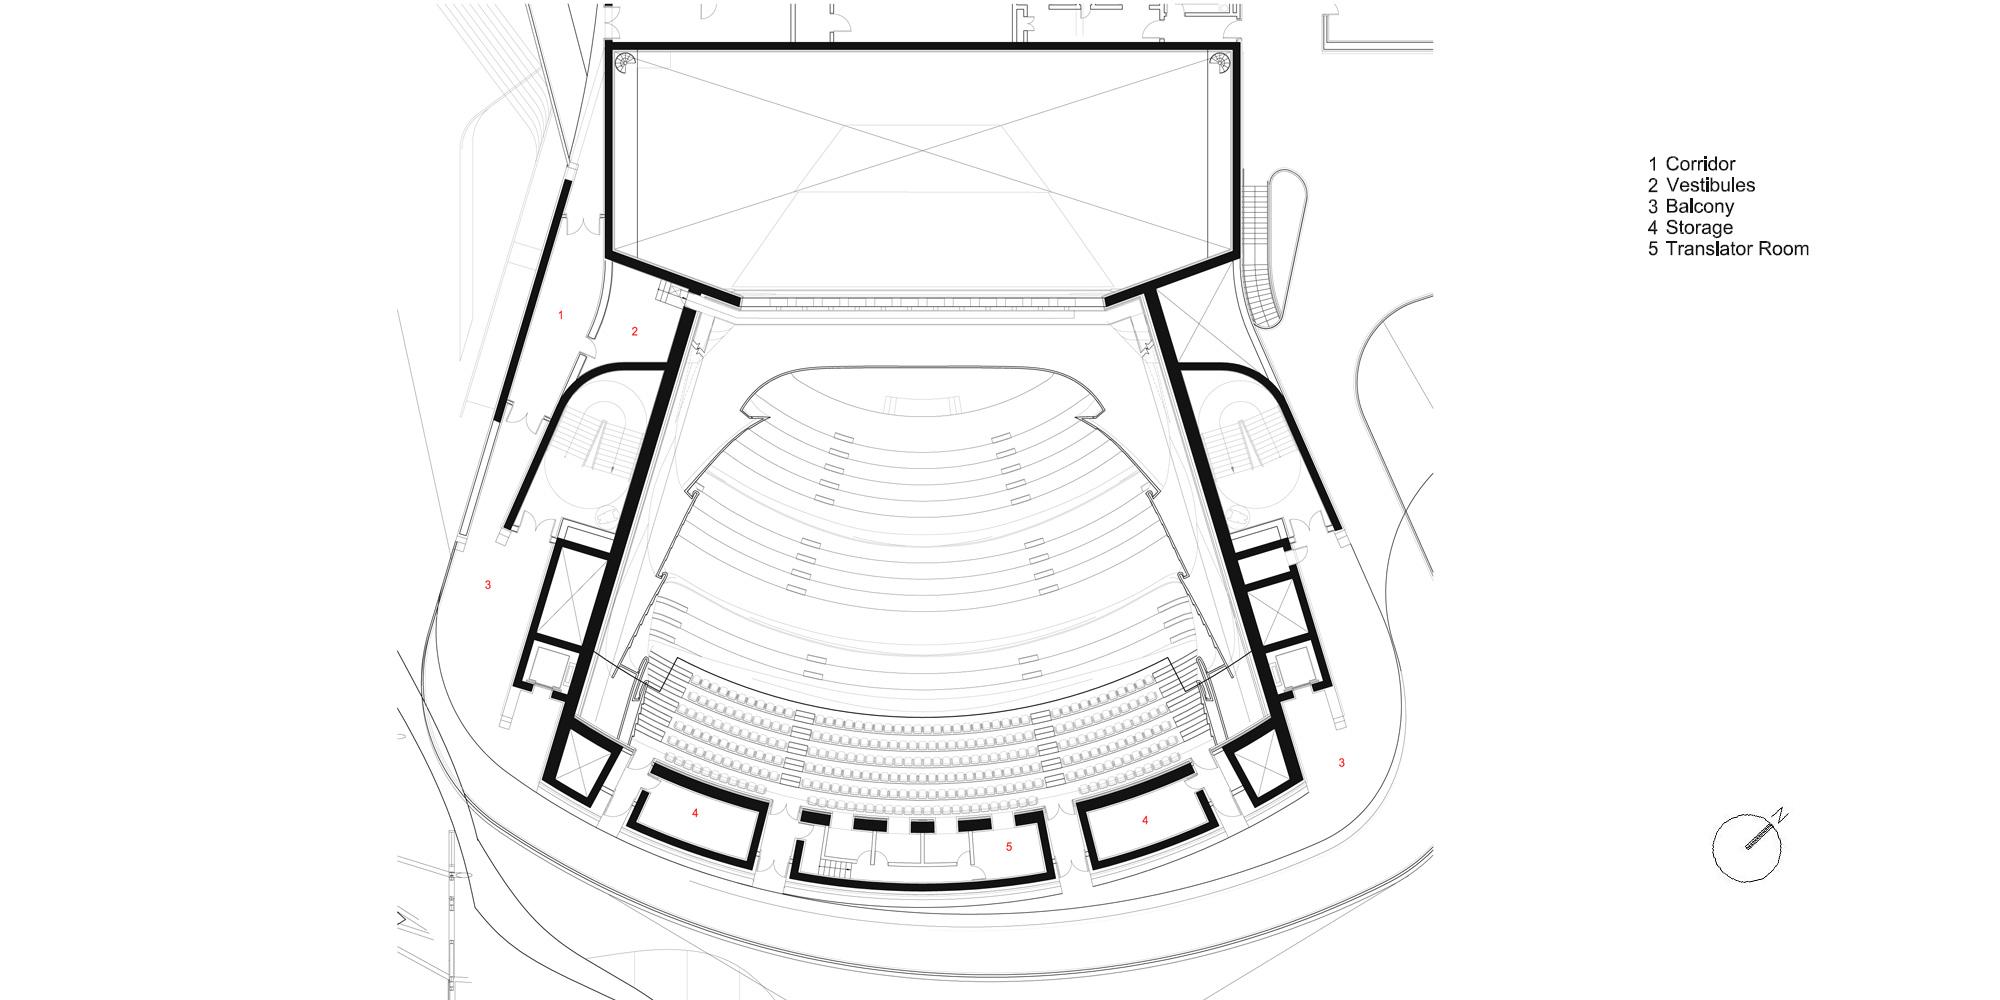 Pianta Piano Secondo © Zaha Hadid Architects